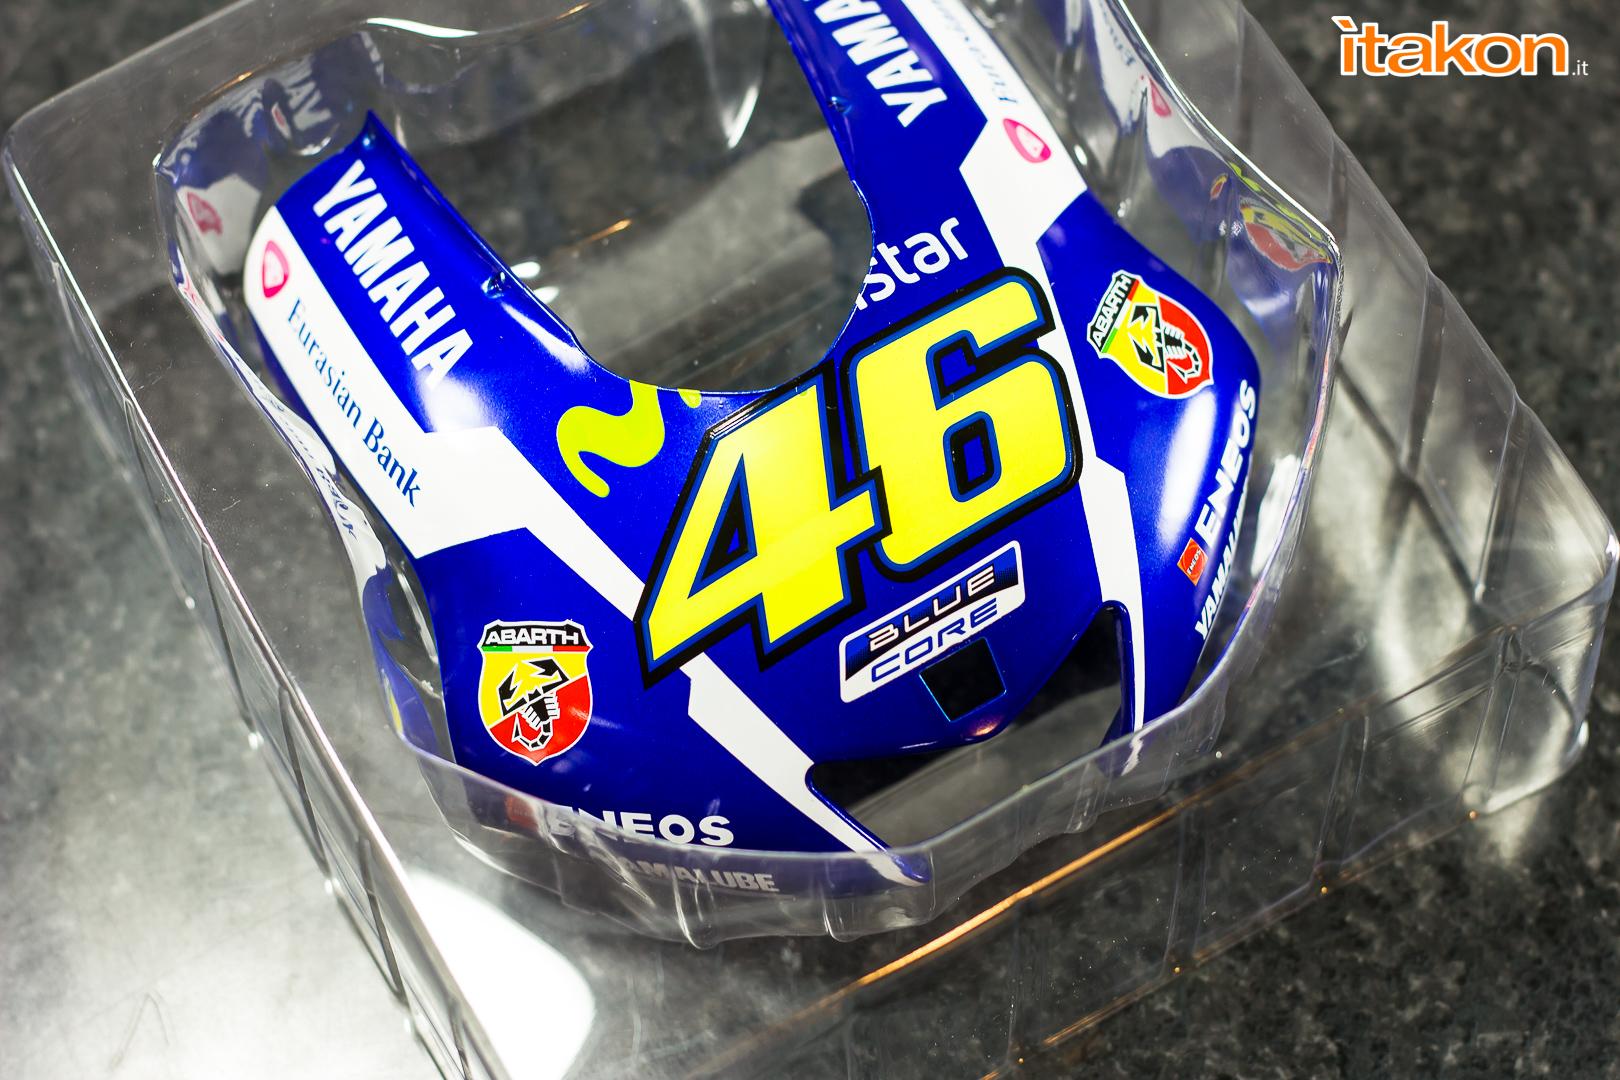 Link a La M1 di Valentino Rossi DeAgostini in scala 1-4-16